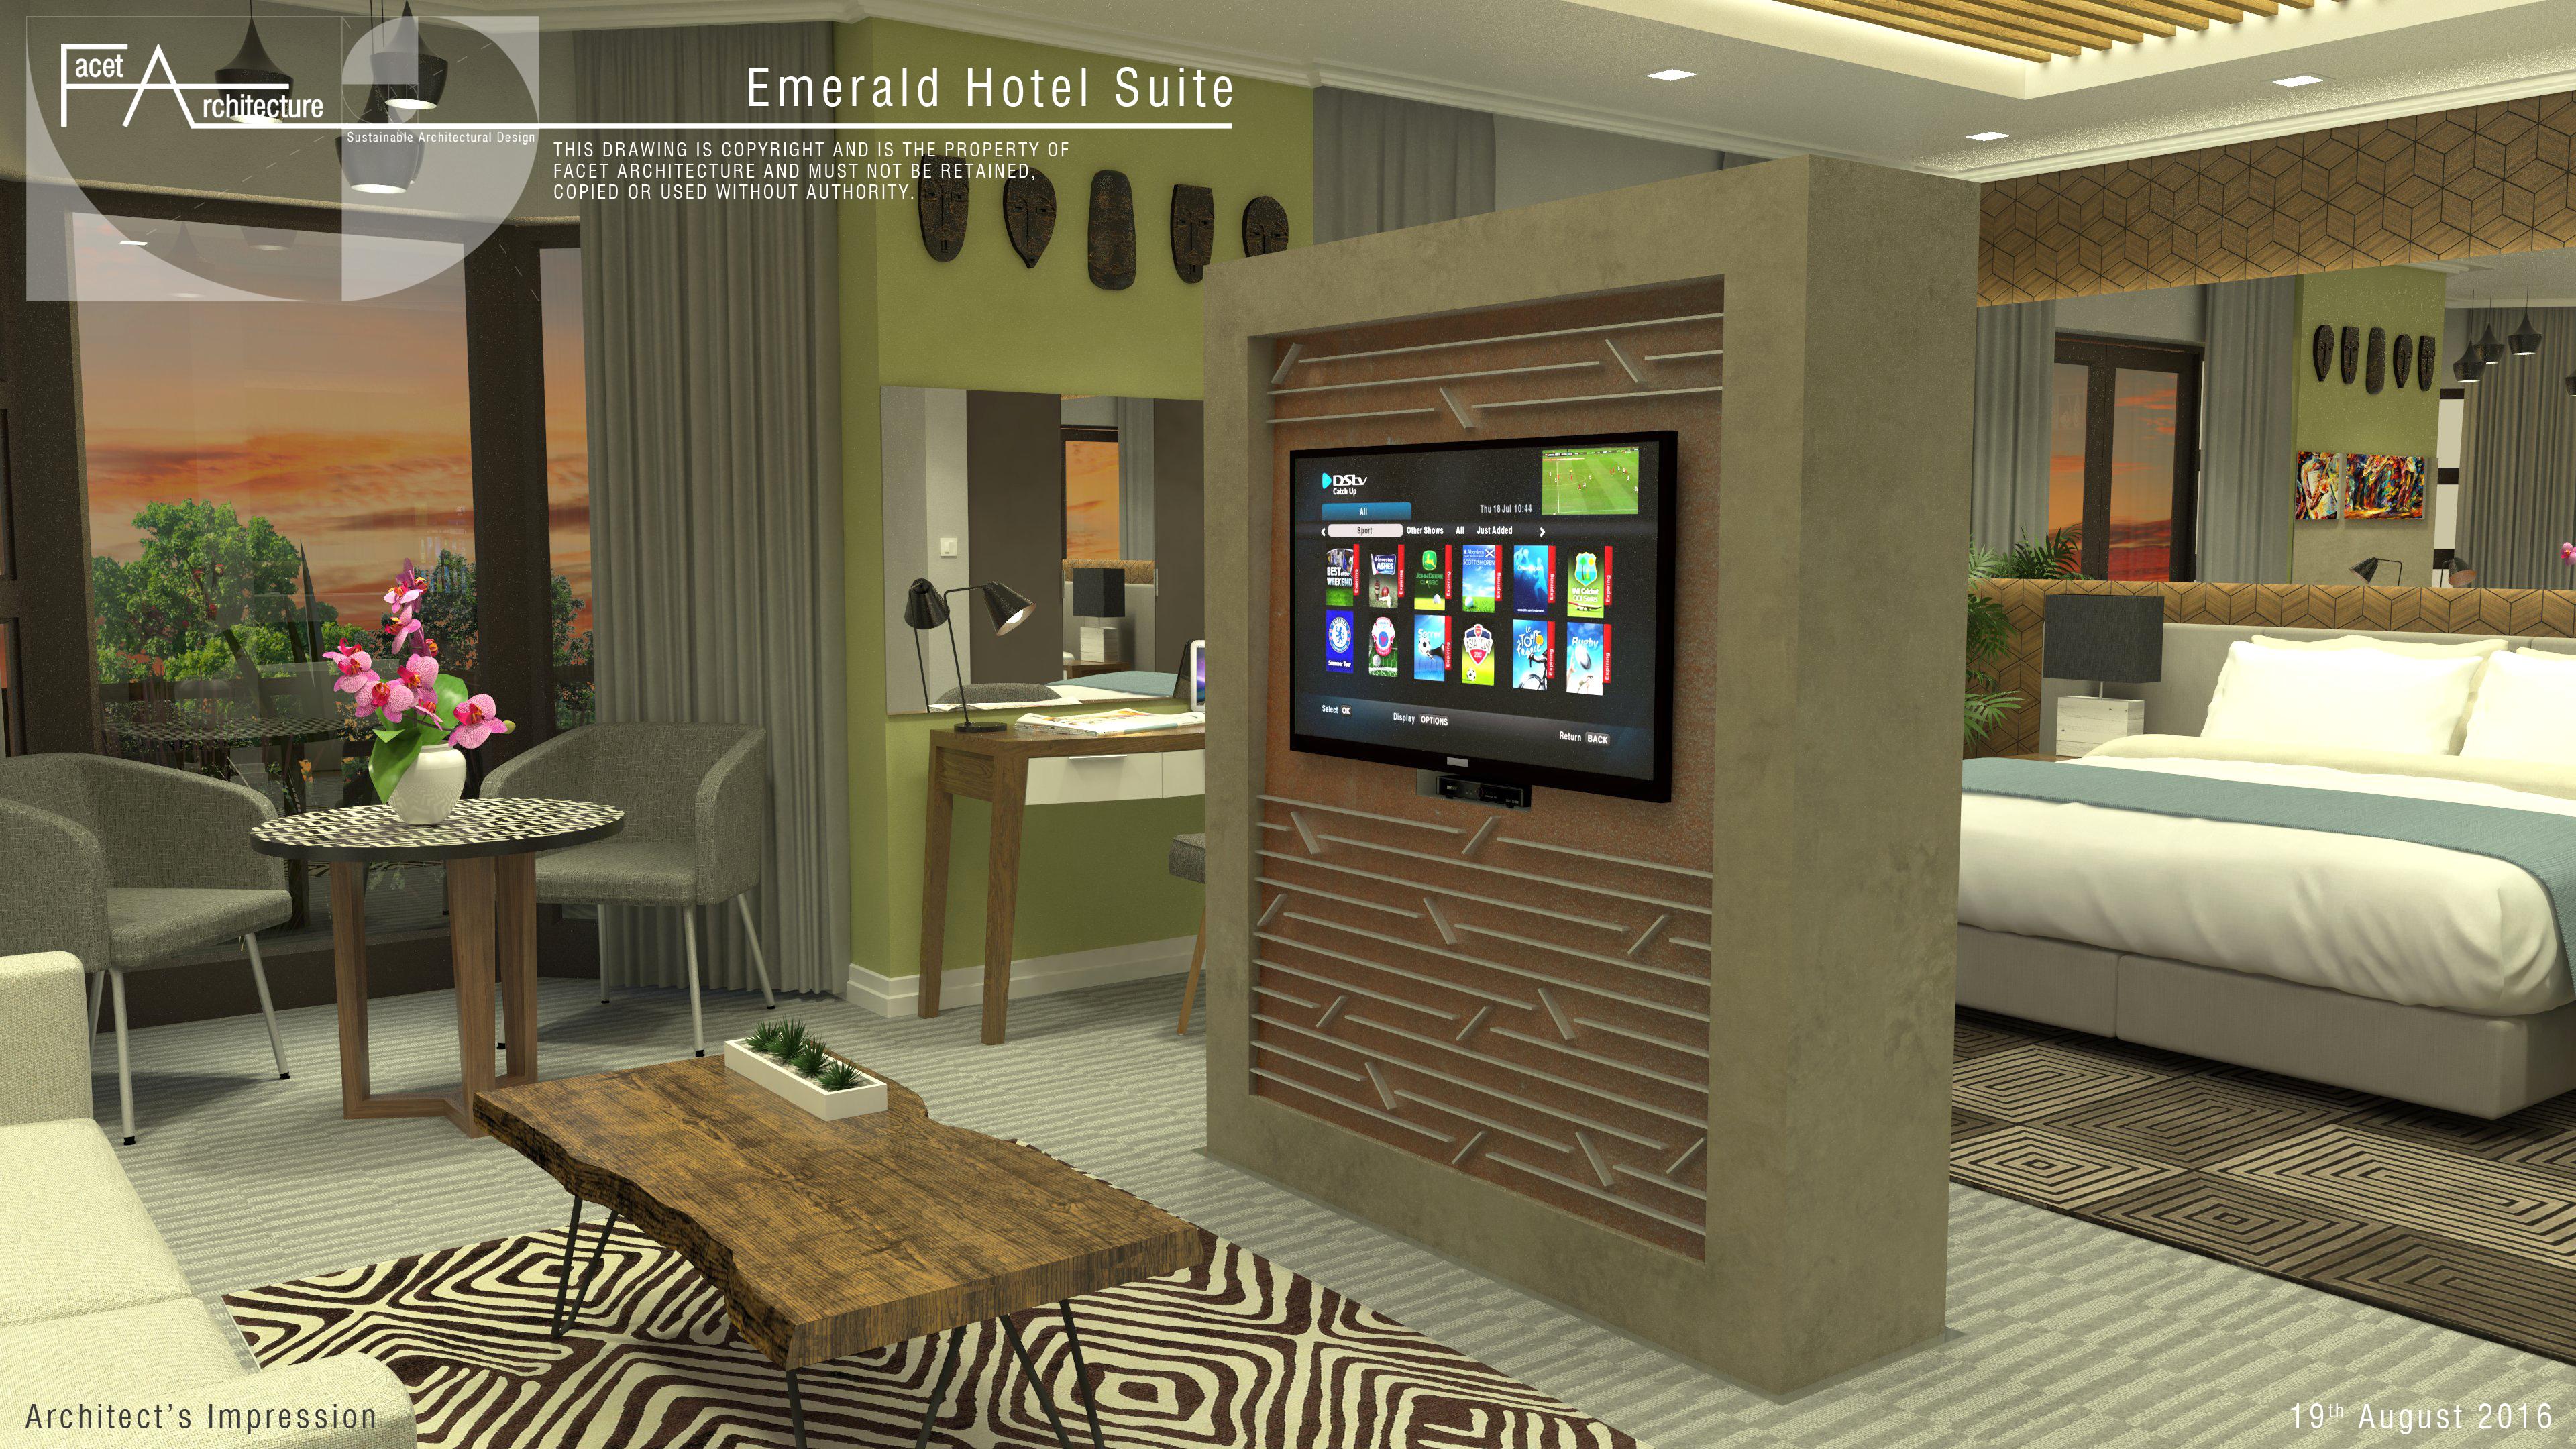 2016-08-19 FA15-24 Emerald Hotel Suite A Render 01